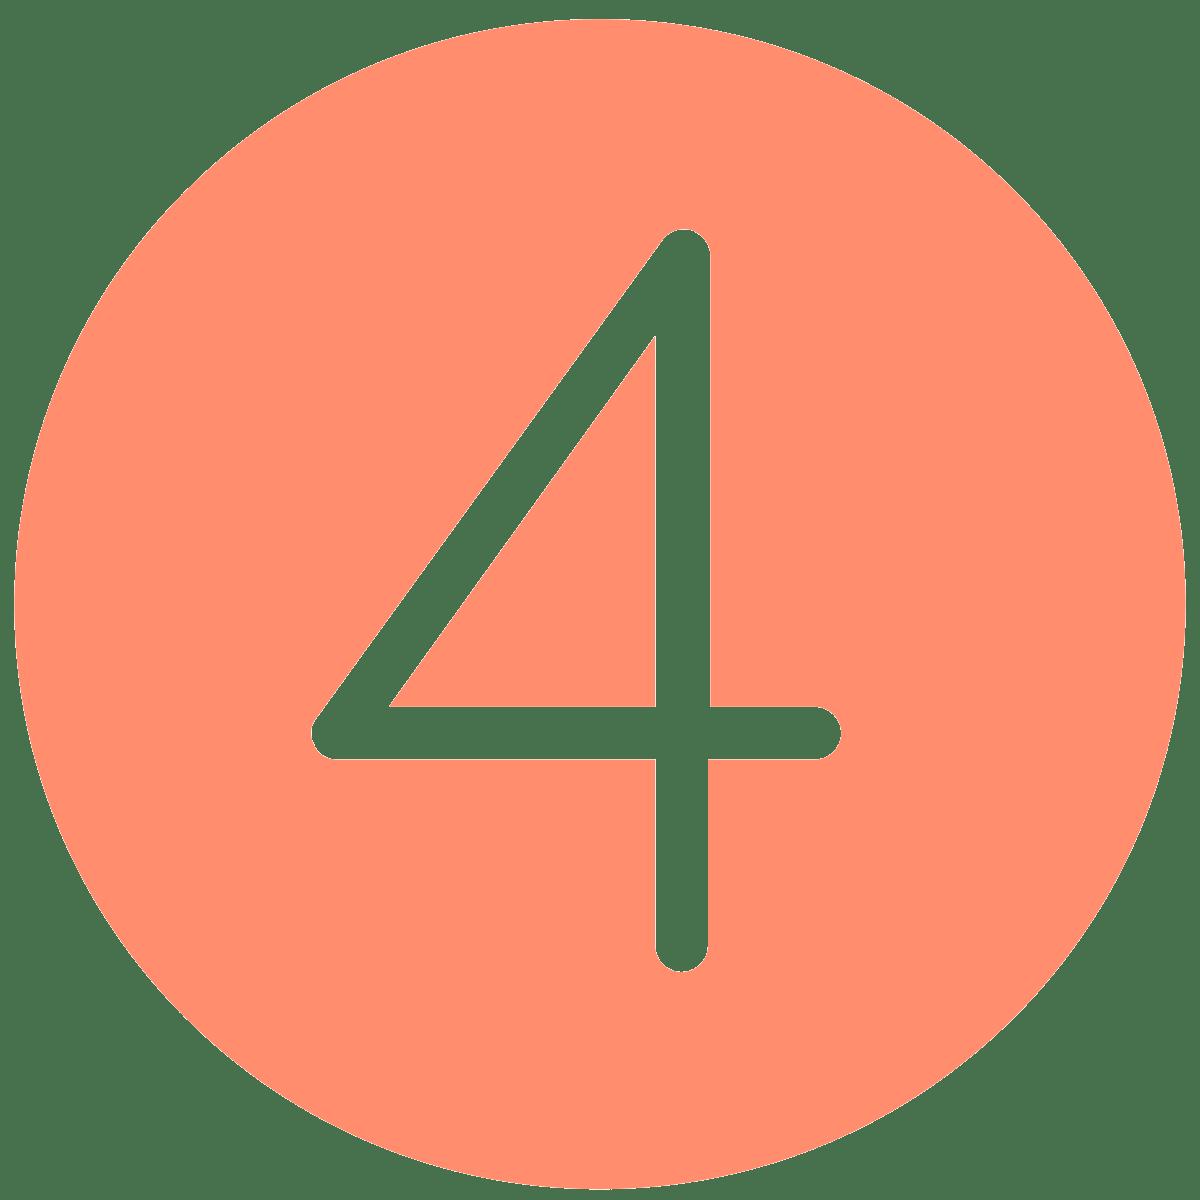 Number 4, orange